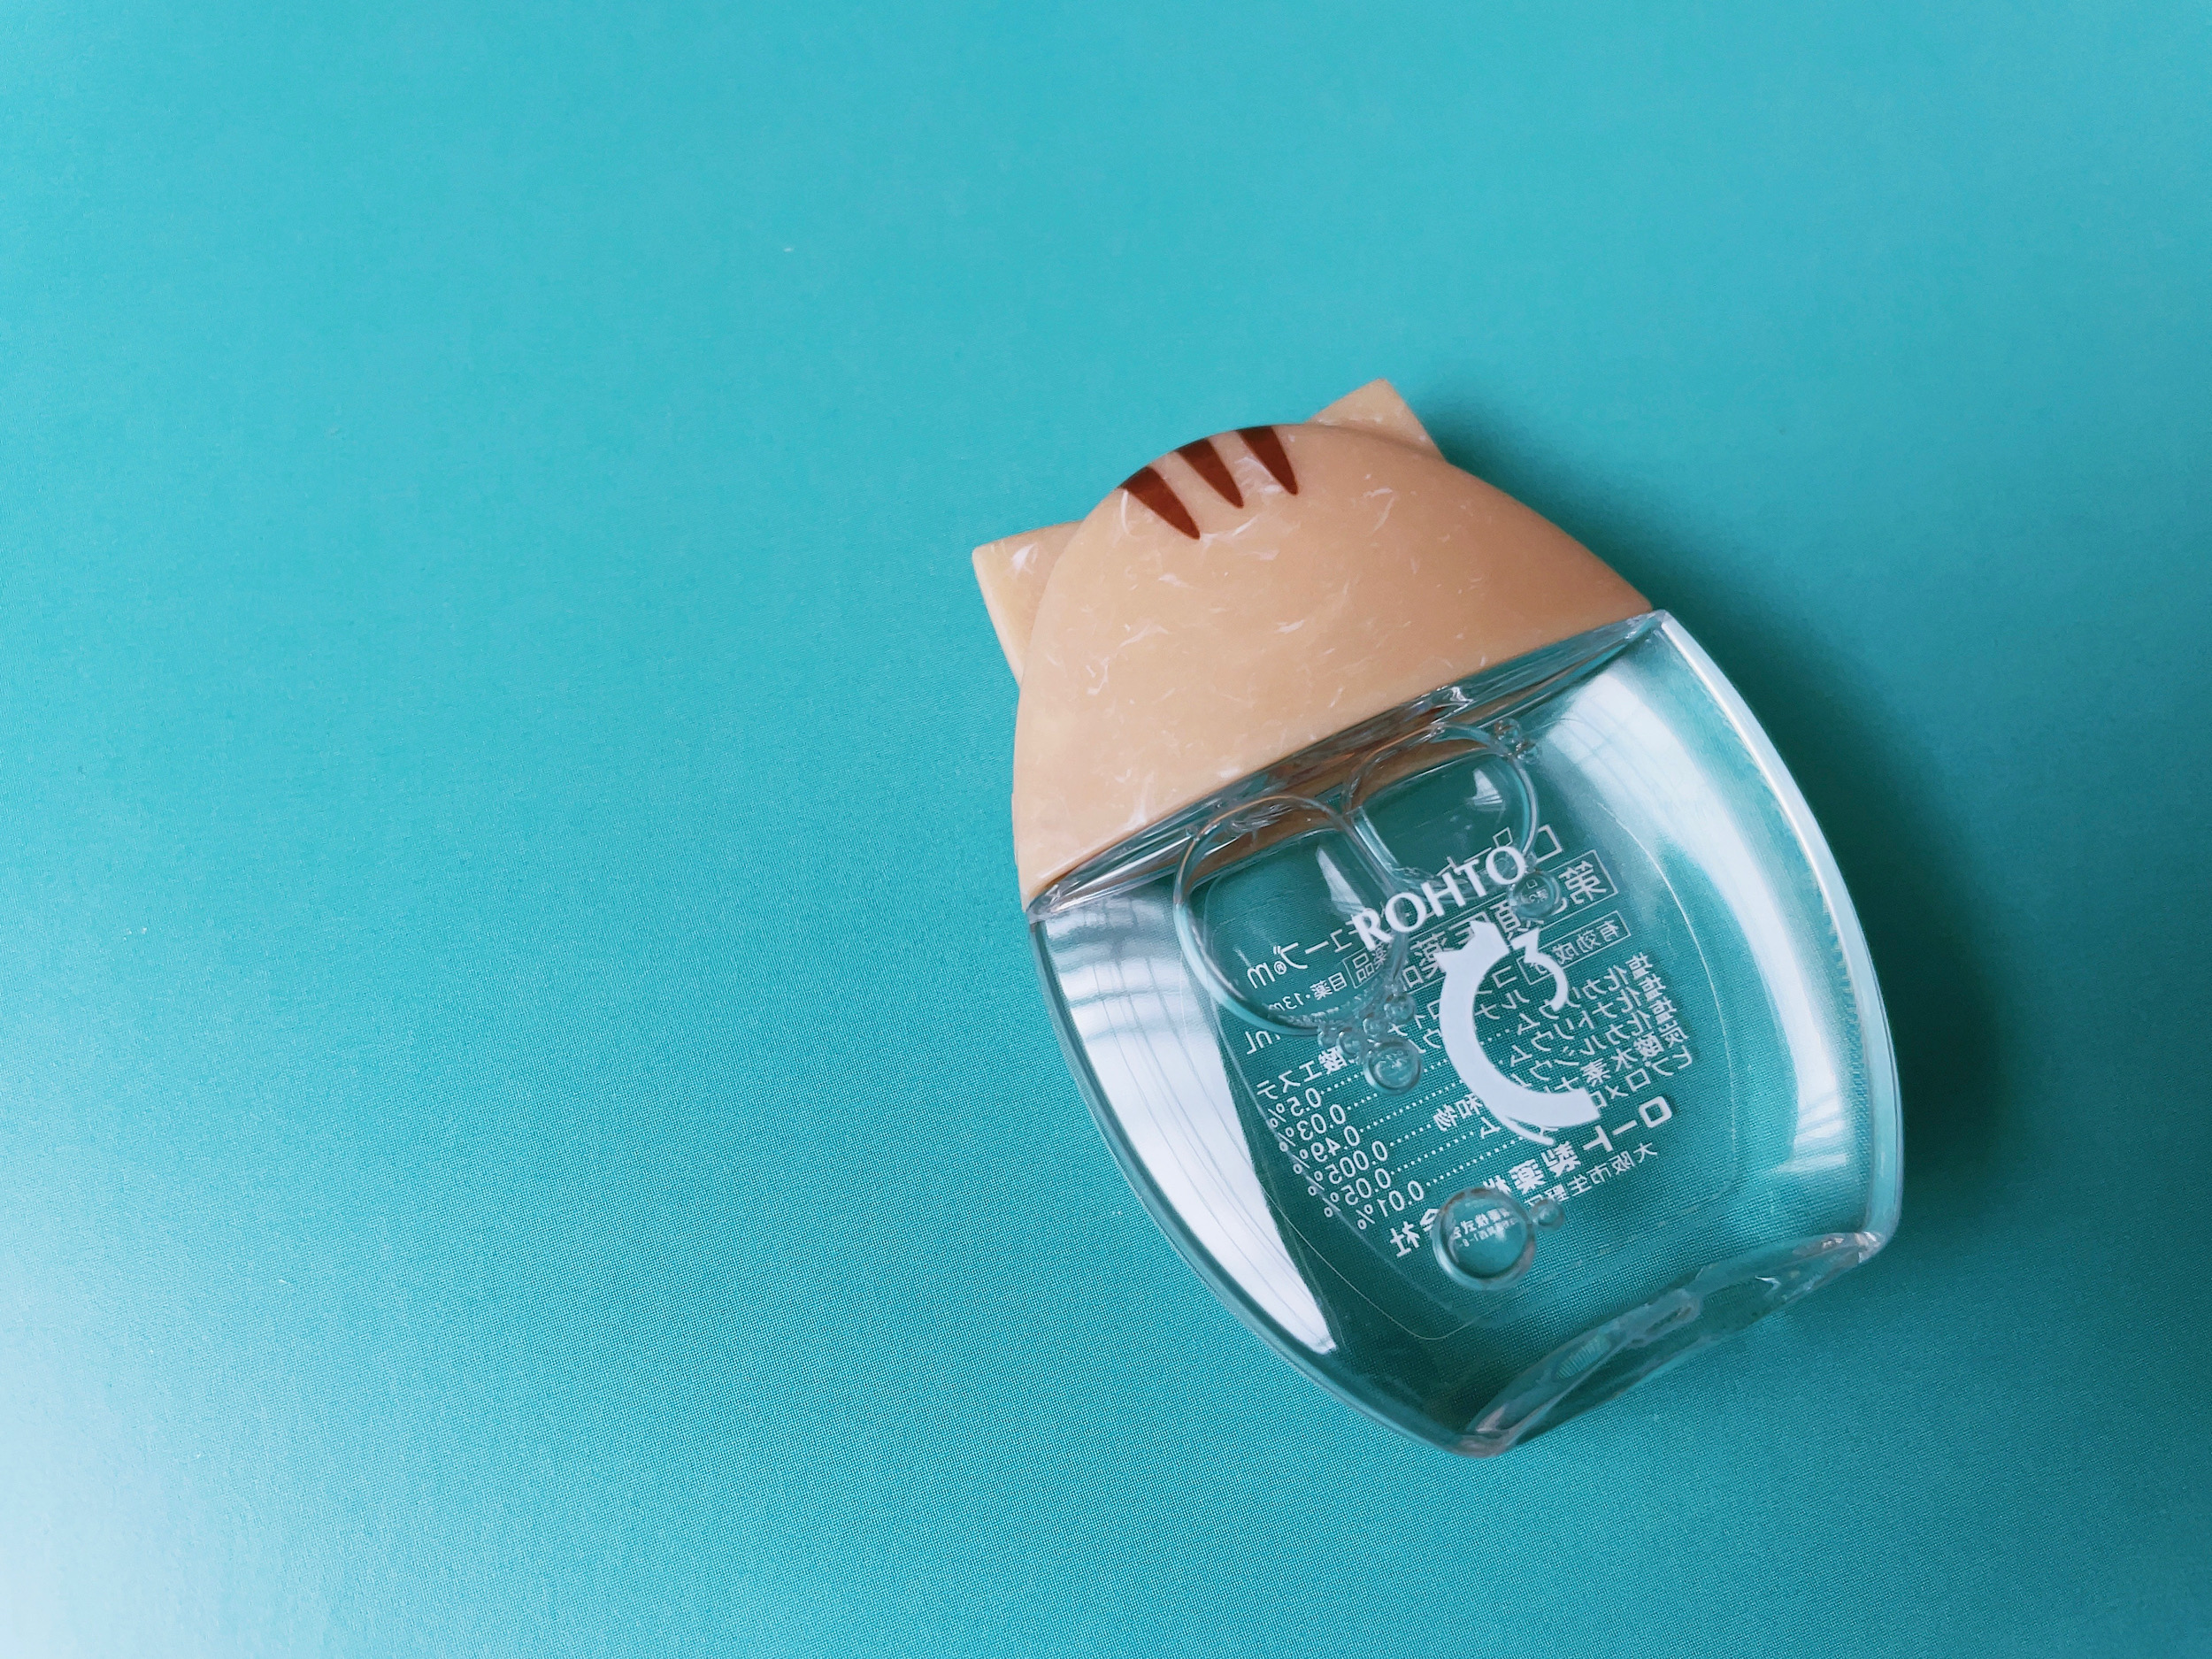 ROHTO(ロート)の 猫耳キャップの目薬「Cキューブ」